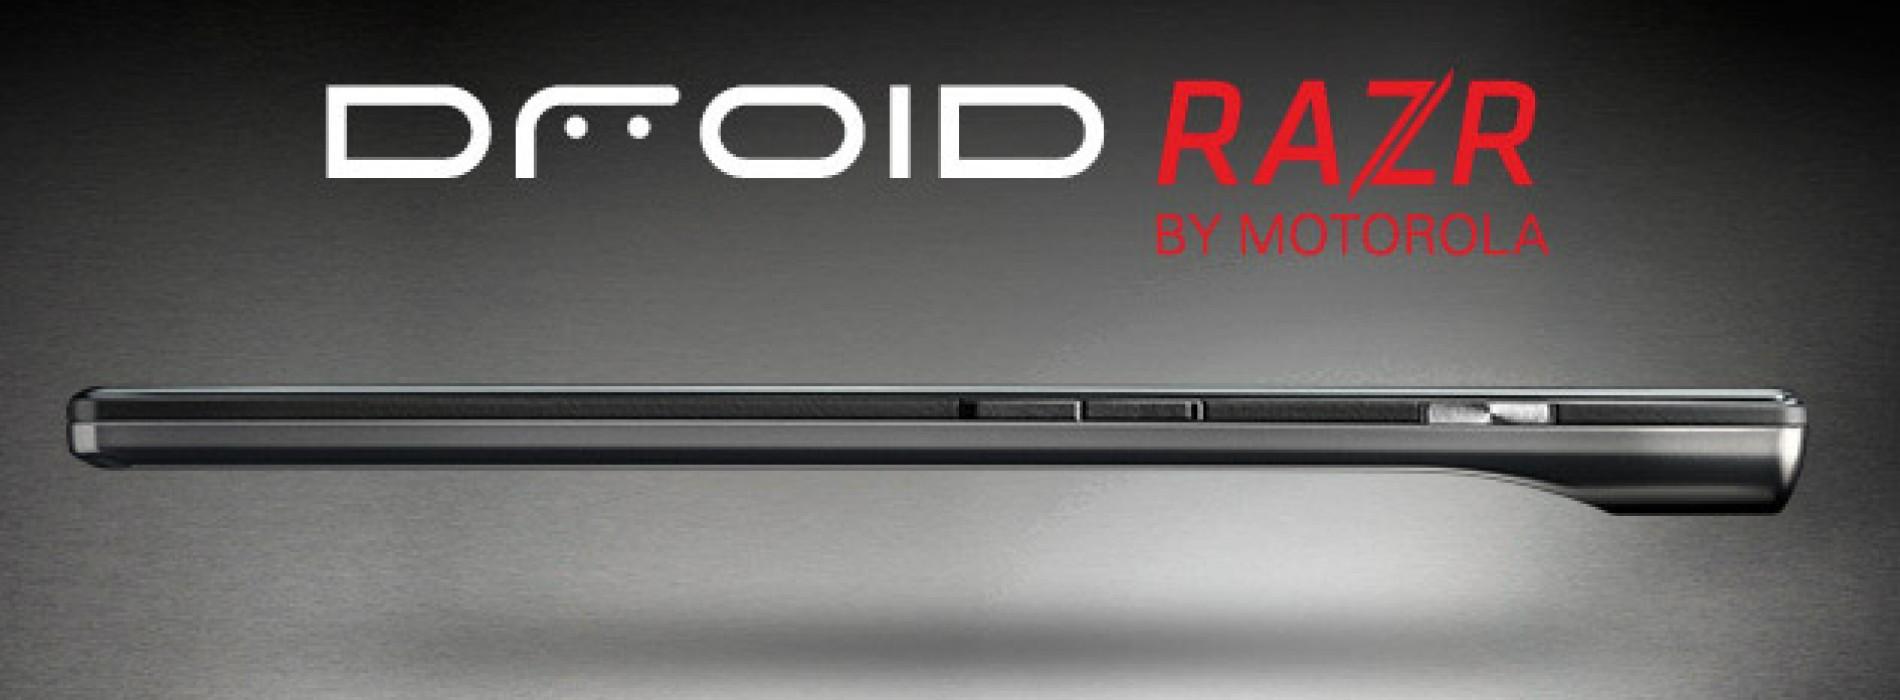 Droid RAZR MAXX spotted in Verizon system?